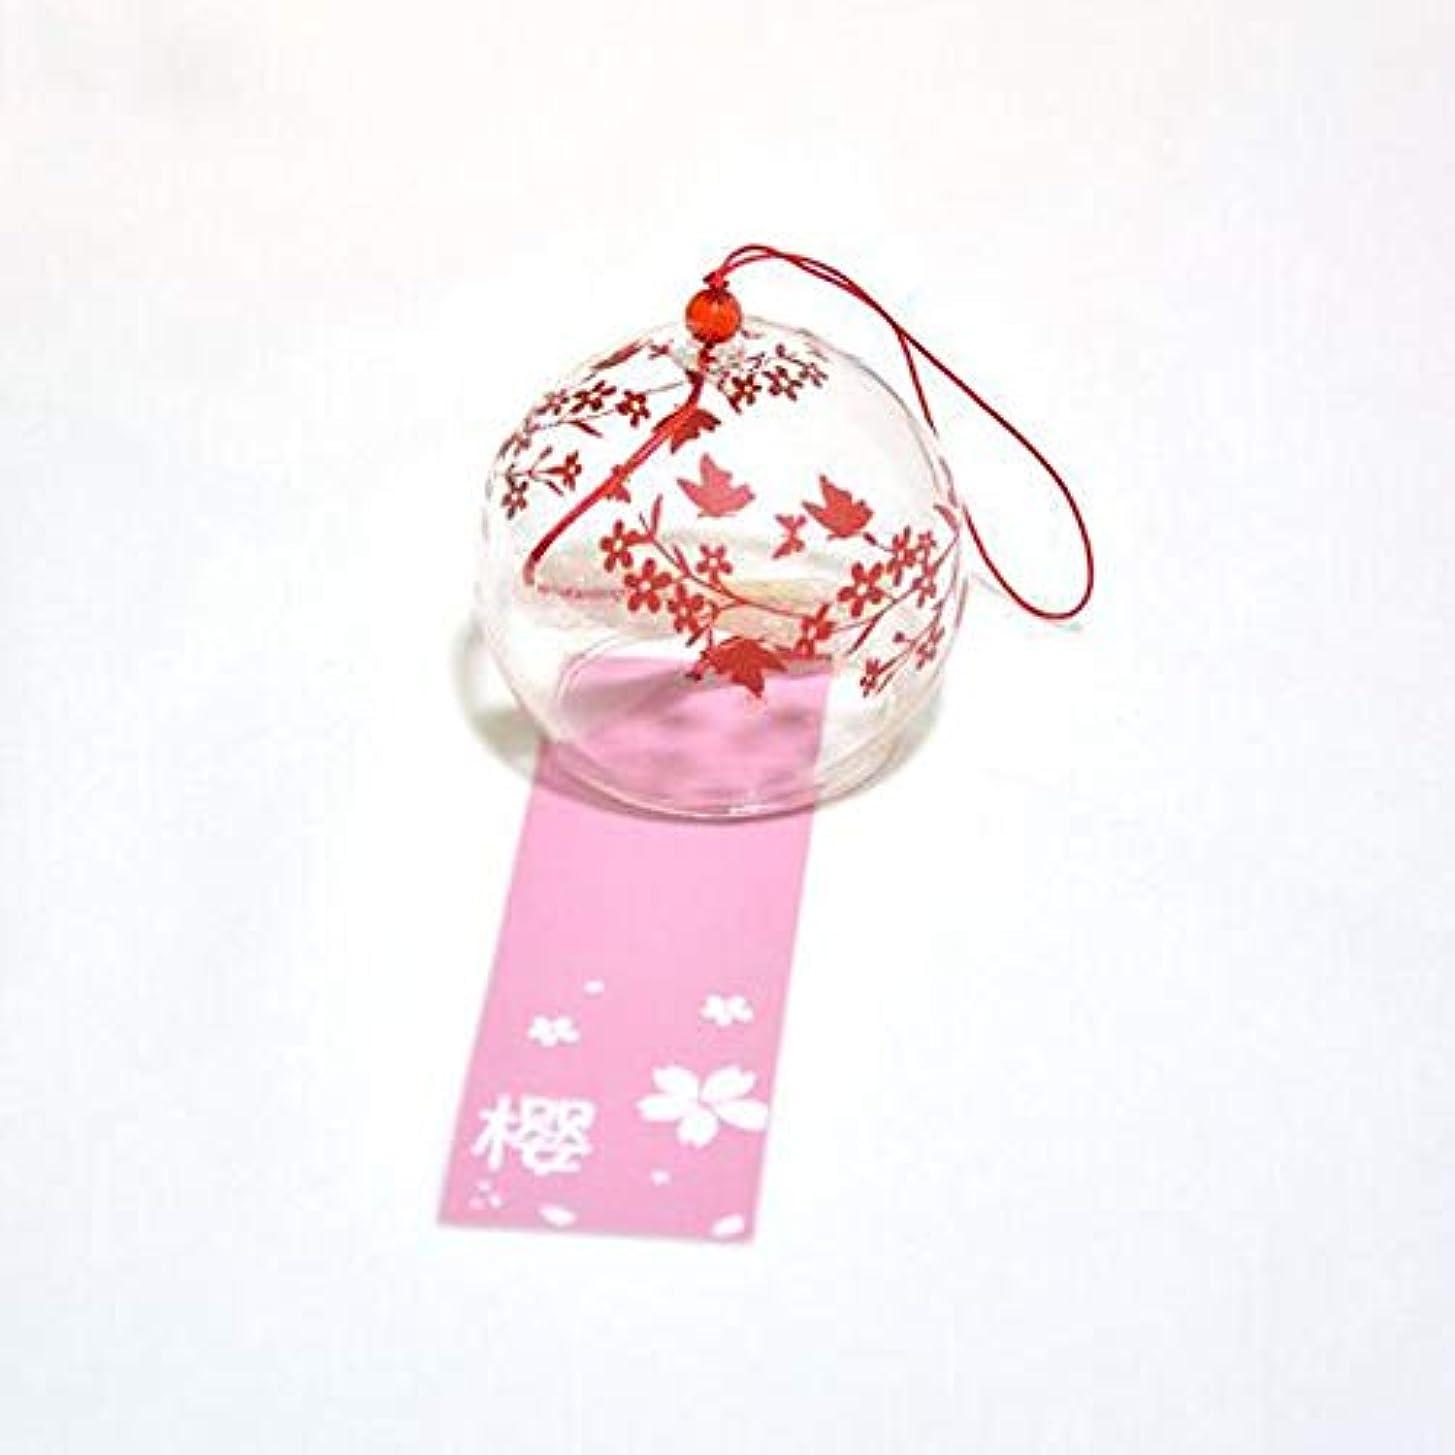 ほのか使役食い違いAishanghuayi 風チャイム、手描きのグラス風チャイム、透明、サイズ6 * 7CM,ファッションオーナメント (Color : Red)